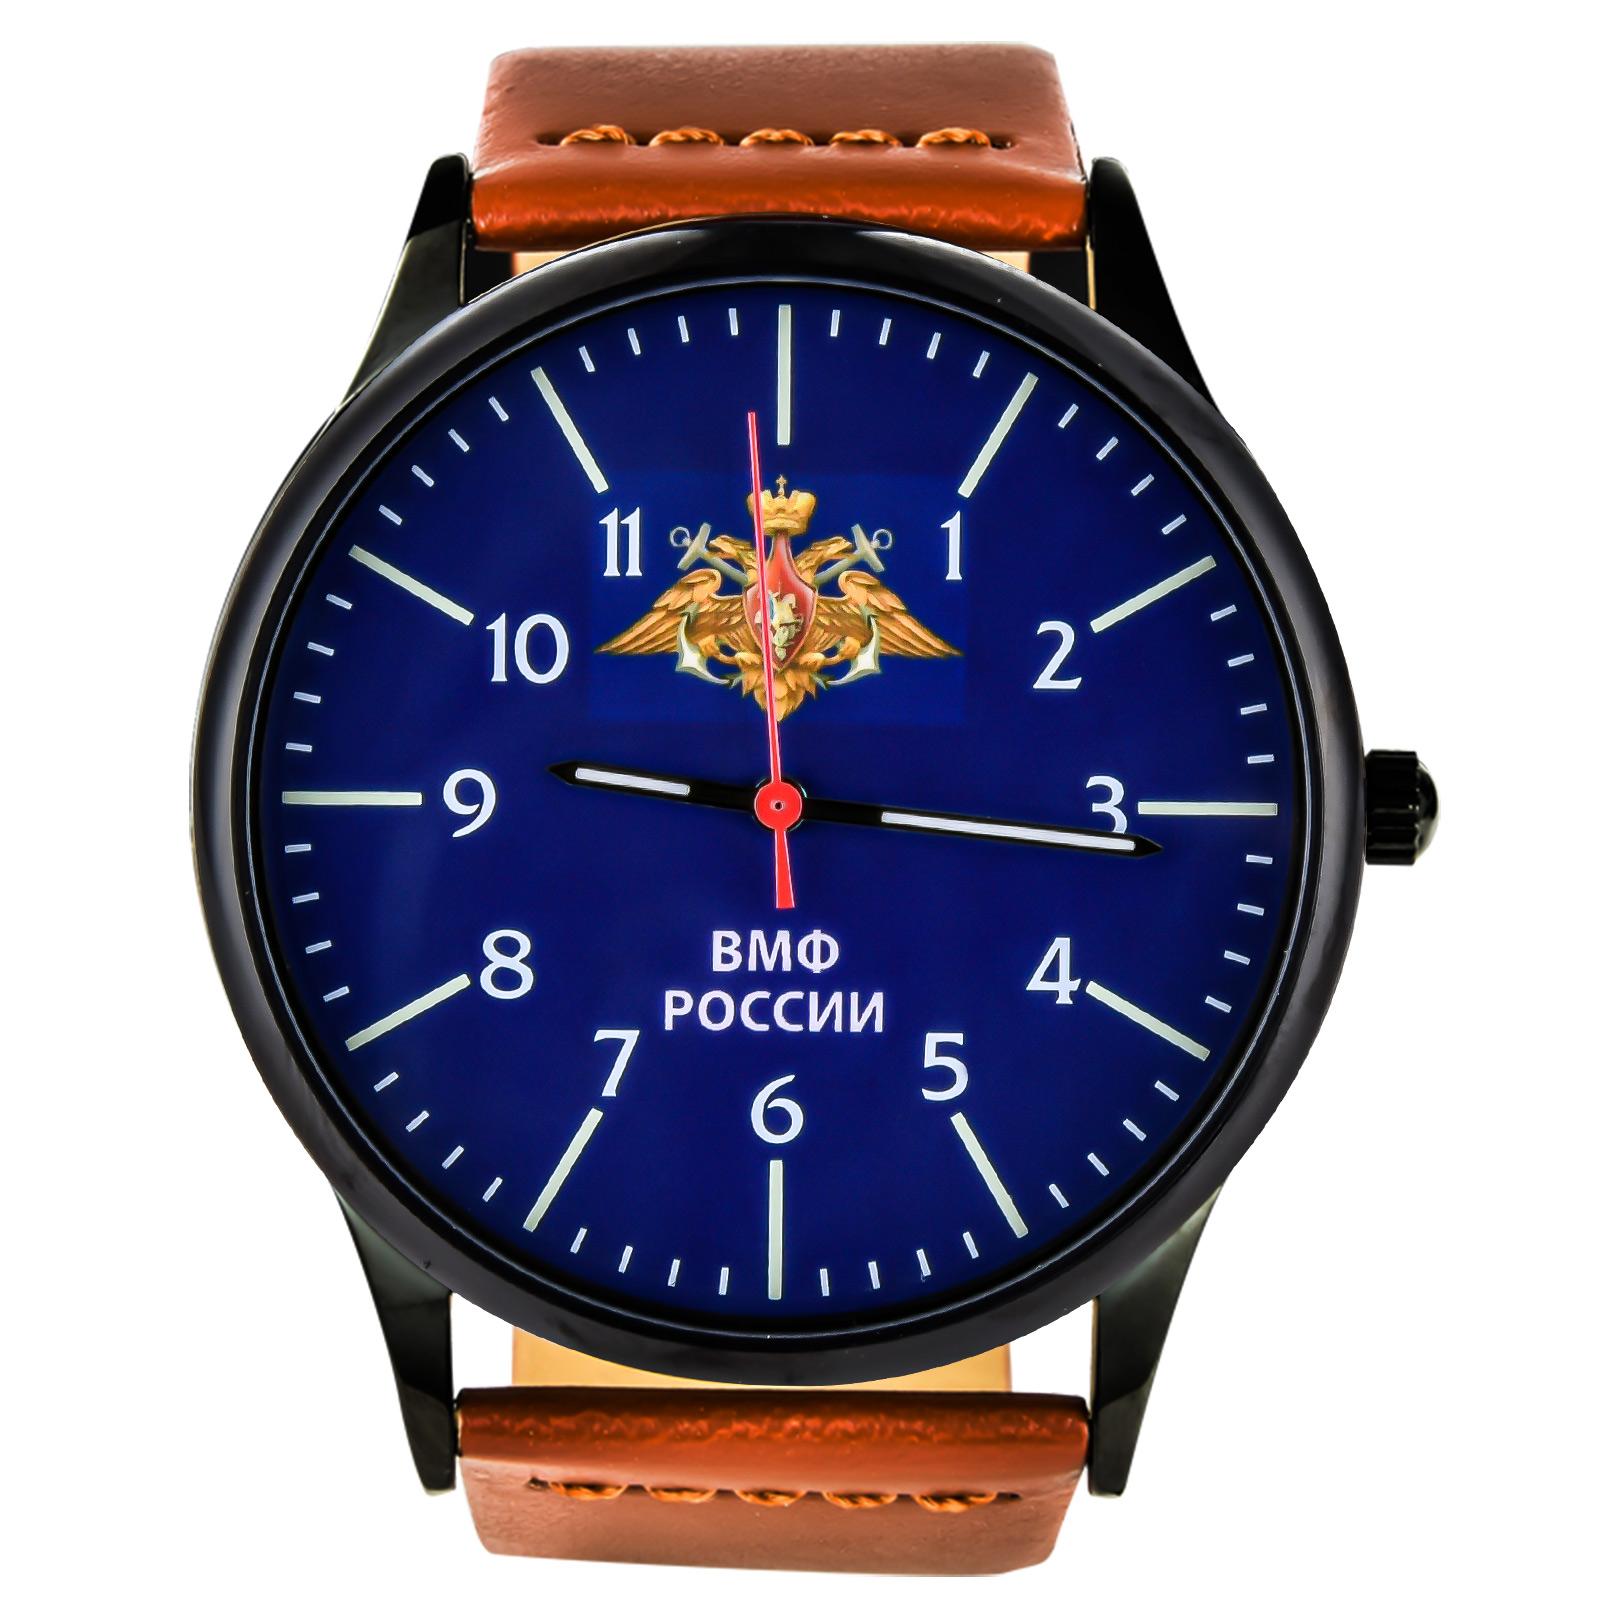 Командирские часы ВМФ купить в Военпро